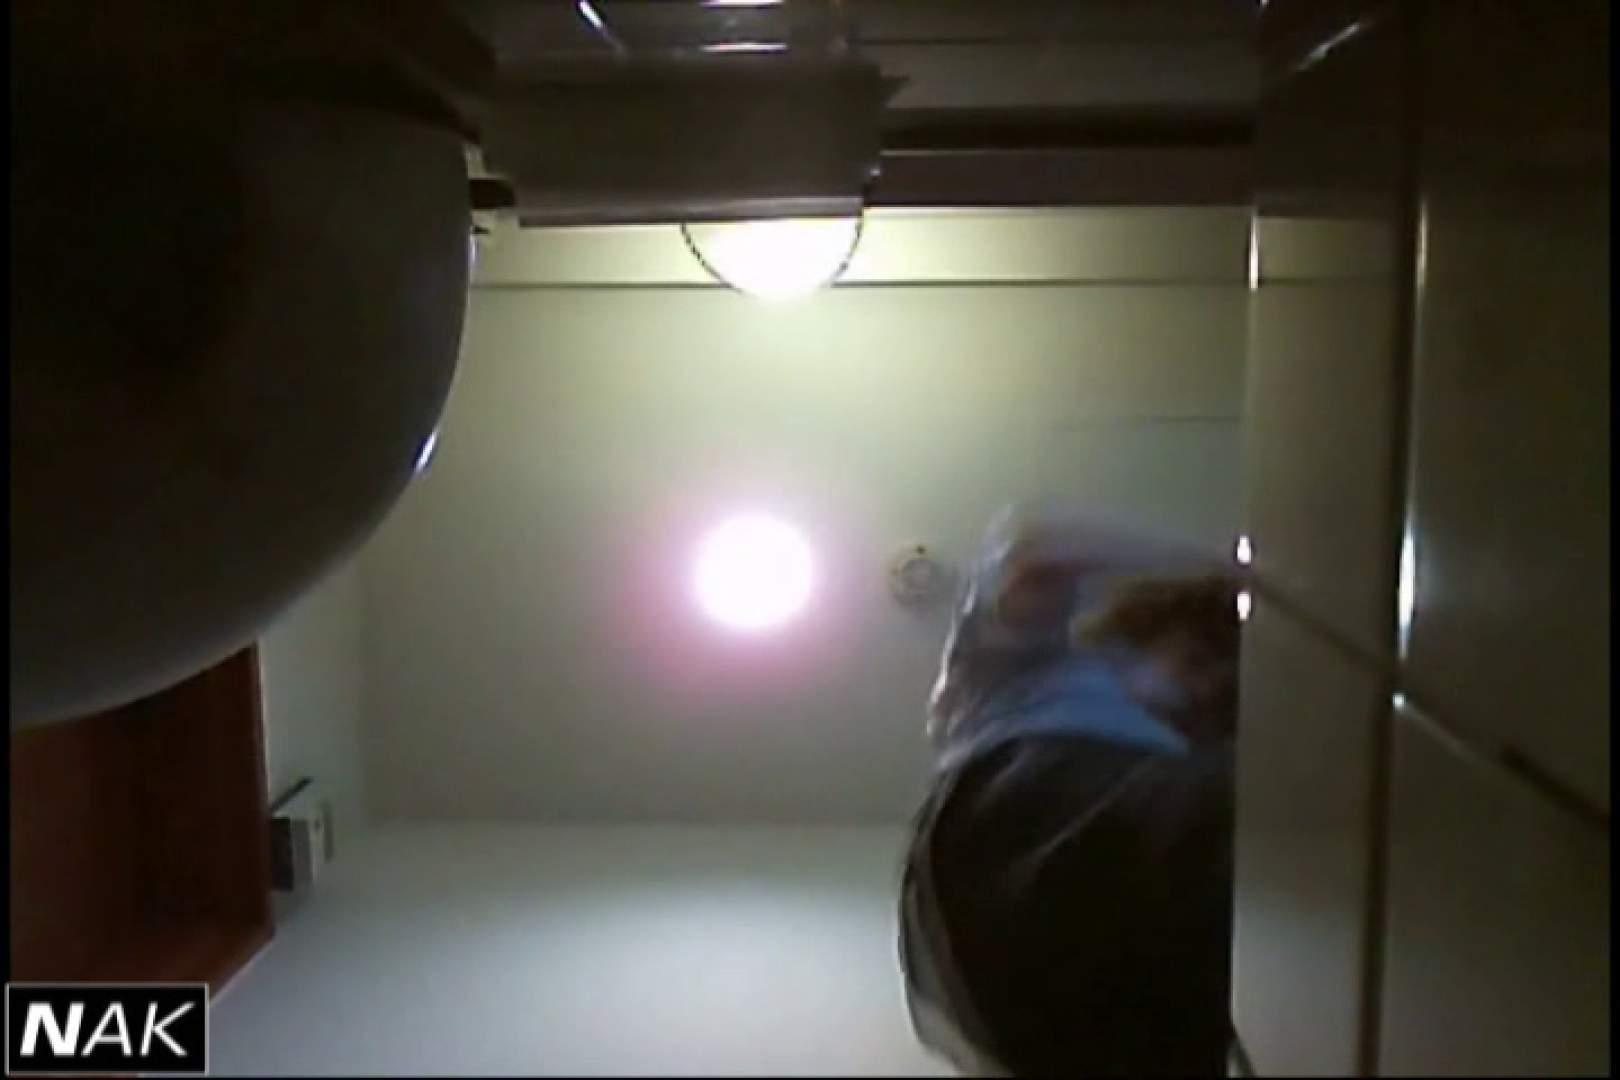 亀さんかわや VIP和式2カメバージョン! vol.14 オマンコ特集 おまんこ無修正動画無料 100pic 60